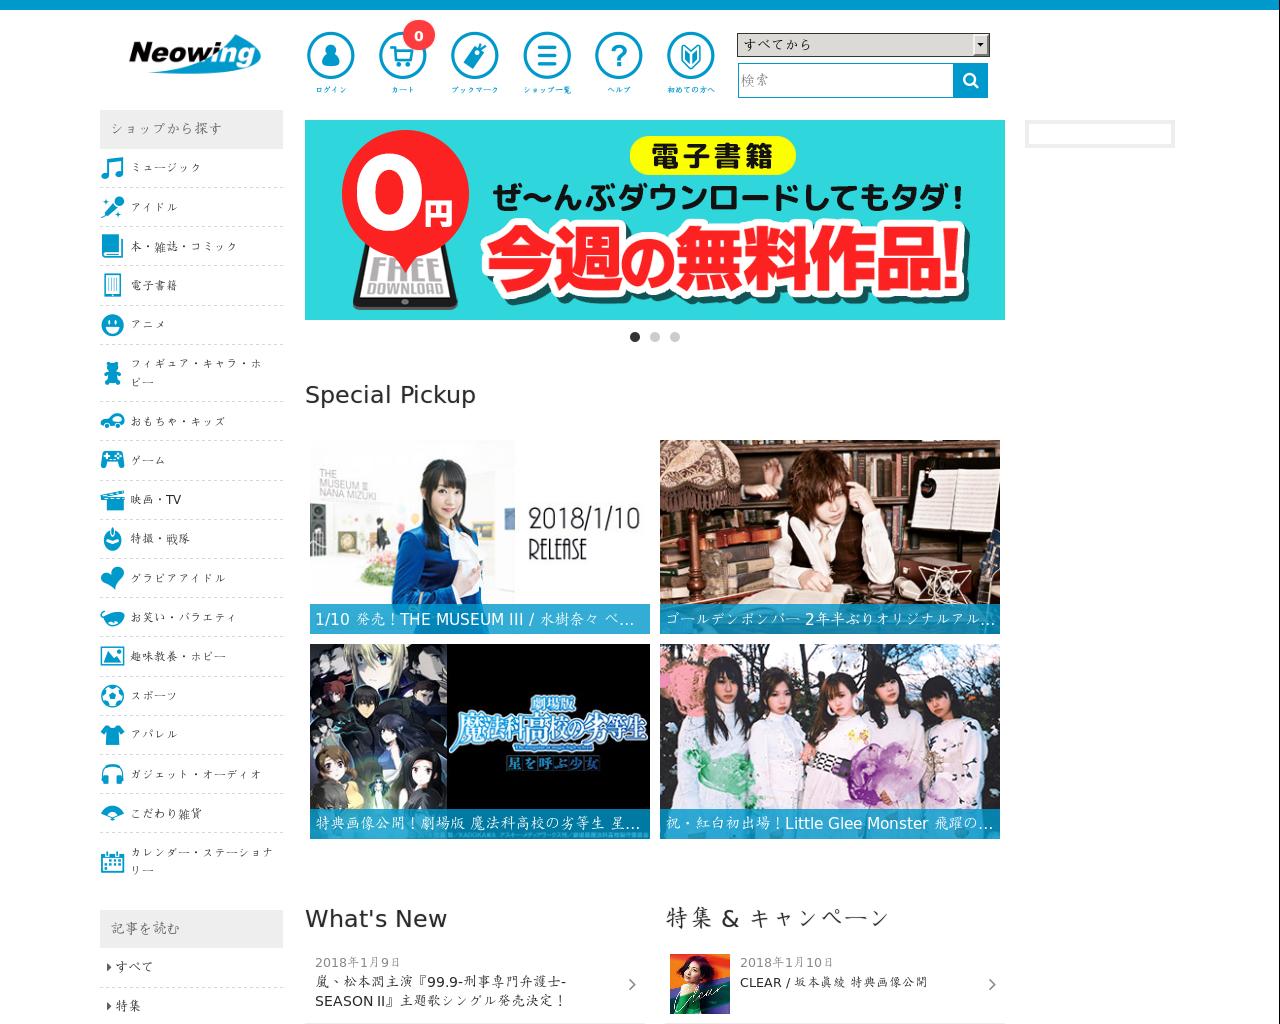 www.neowing.co.jp(2017/12/29 11:50:39)